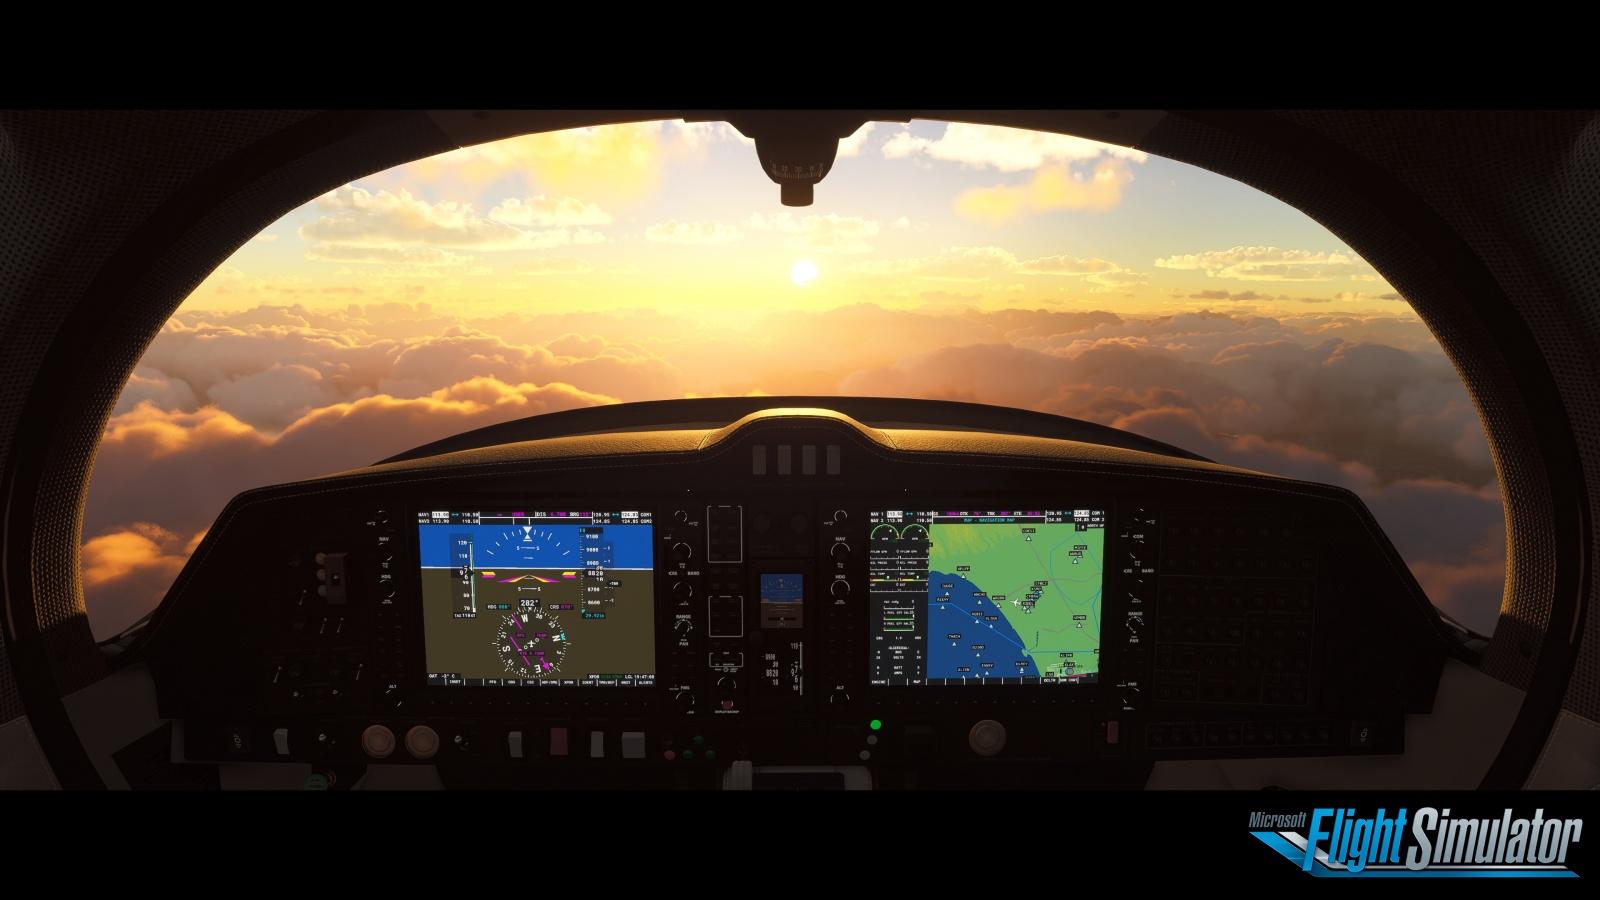 Легендарная игра MS Flight Simulator возвращается спустя 12 лет - 1